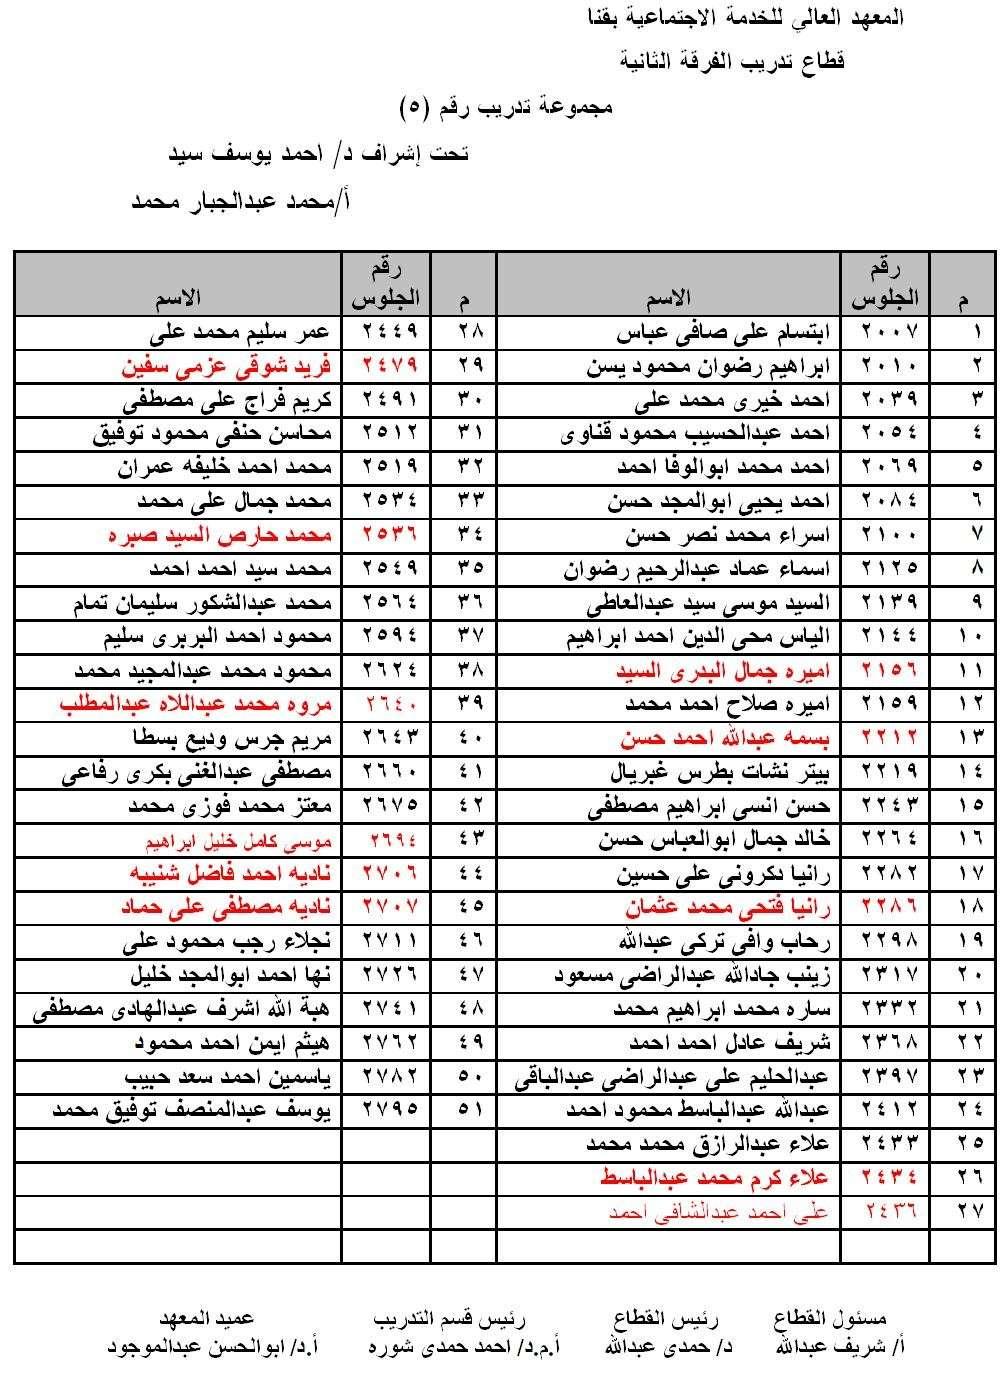 توزيع مجموعات تدريب الفرقة الثانية 2014 - 2015 511